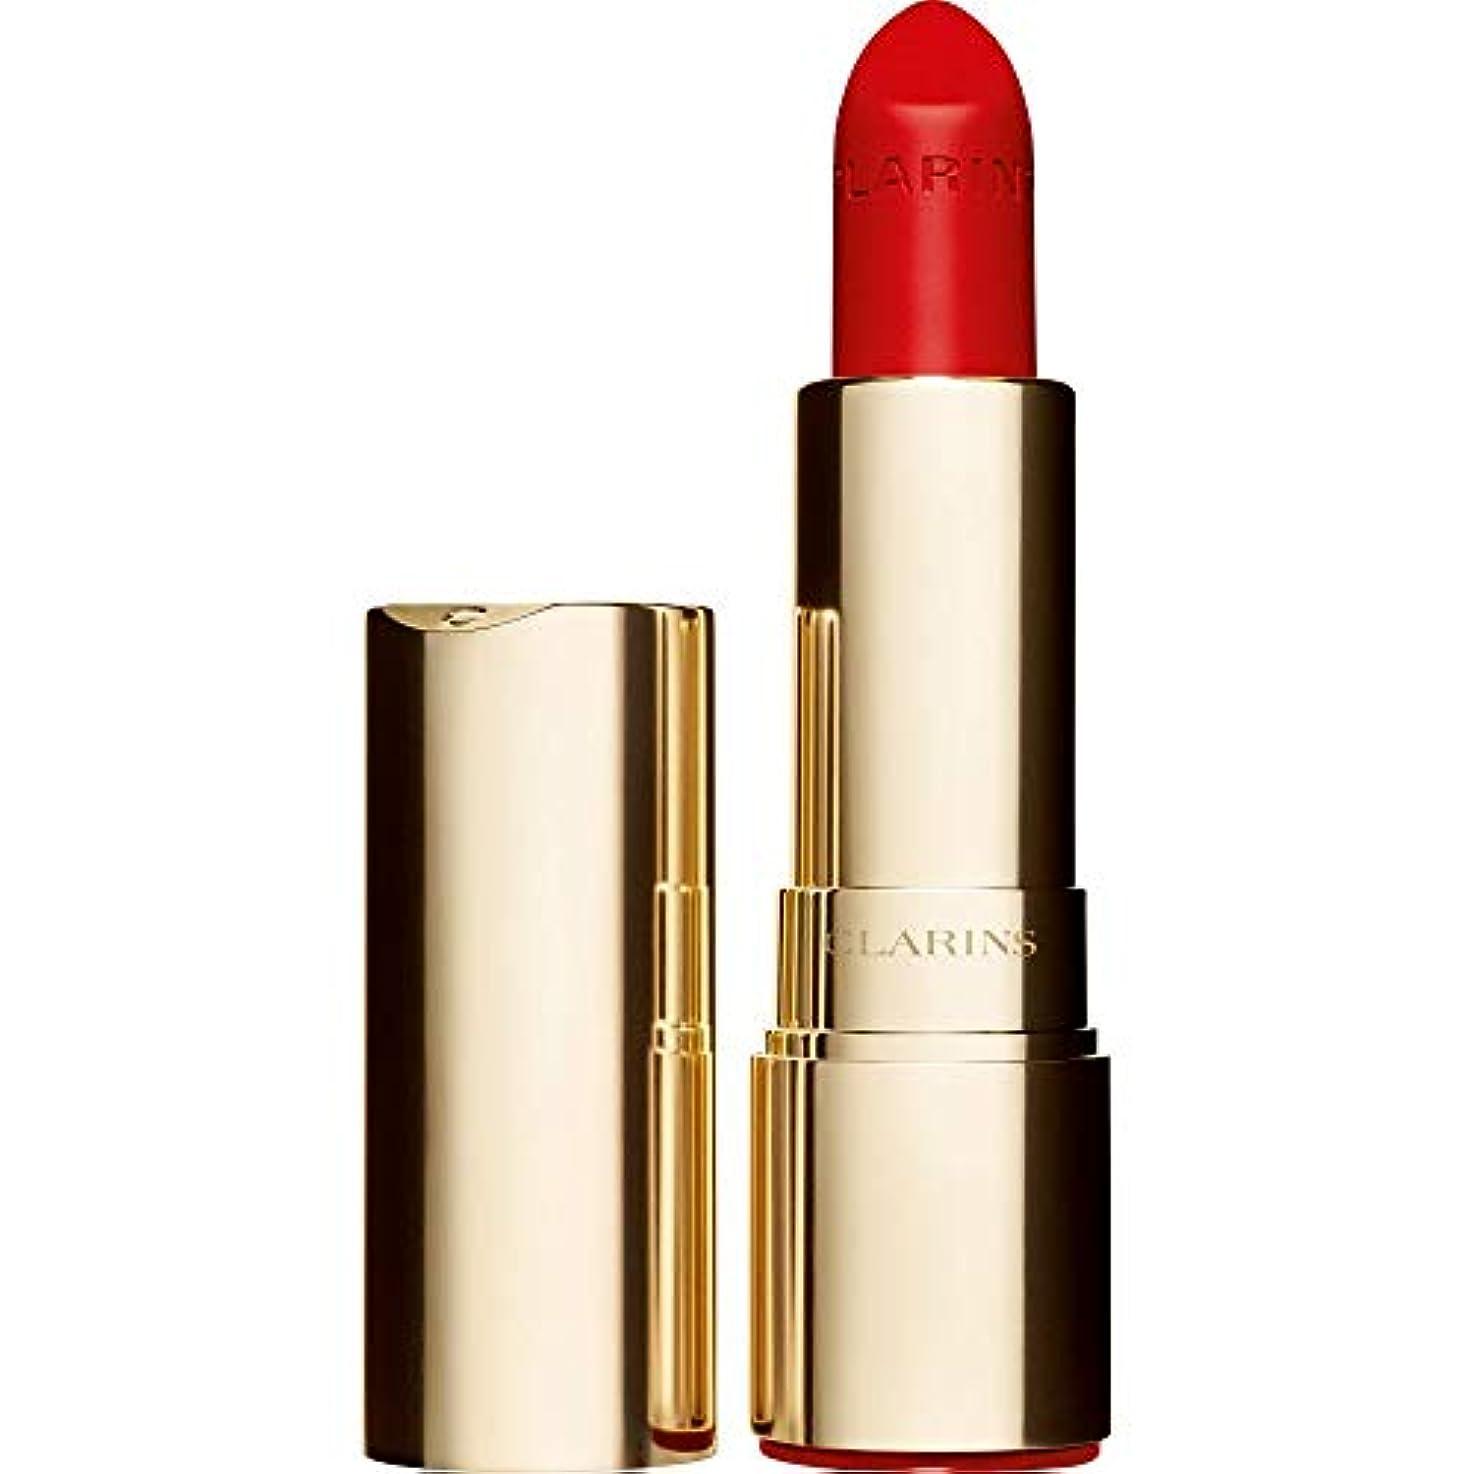 魅惑するクール維持[Clarins ] クラランスジョリルージュのベルベットの口紅3.5グラムの741V - 赤、オレンジ - Clarins Joli Rouge Velvet Lipstick 3.5g 741V - Red Orange...